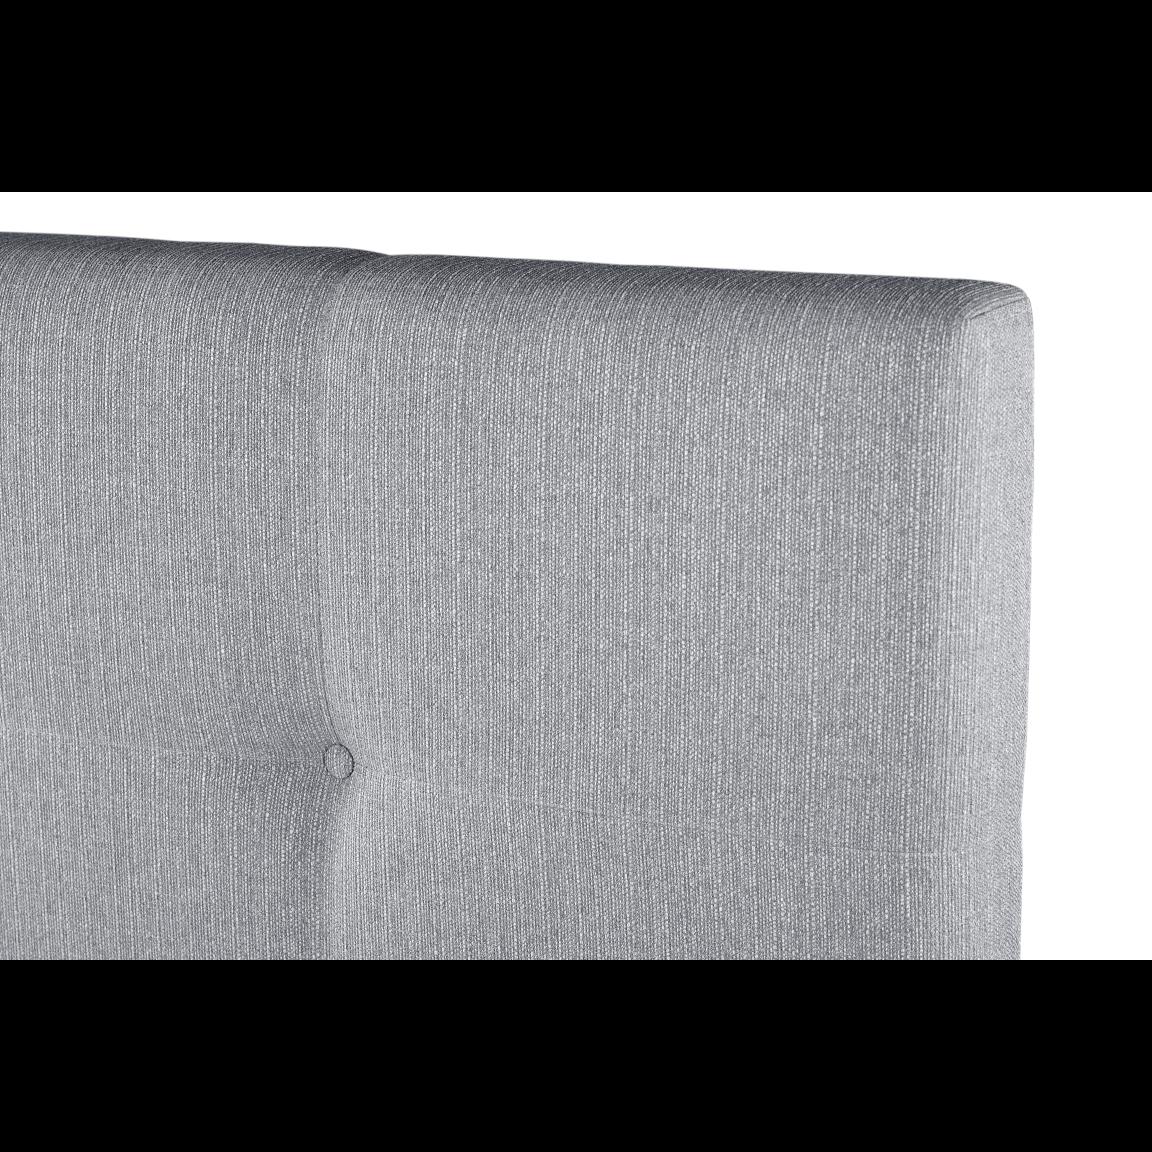 Gepolstertes Bett Cobalt   Hellgrau-140 x 200 cm